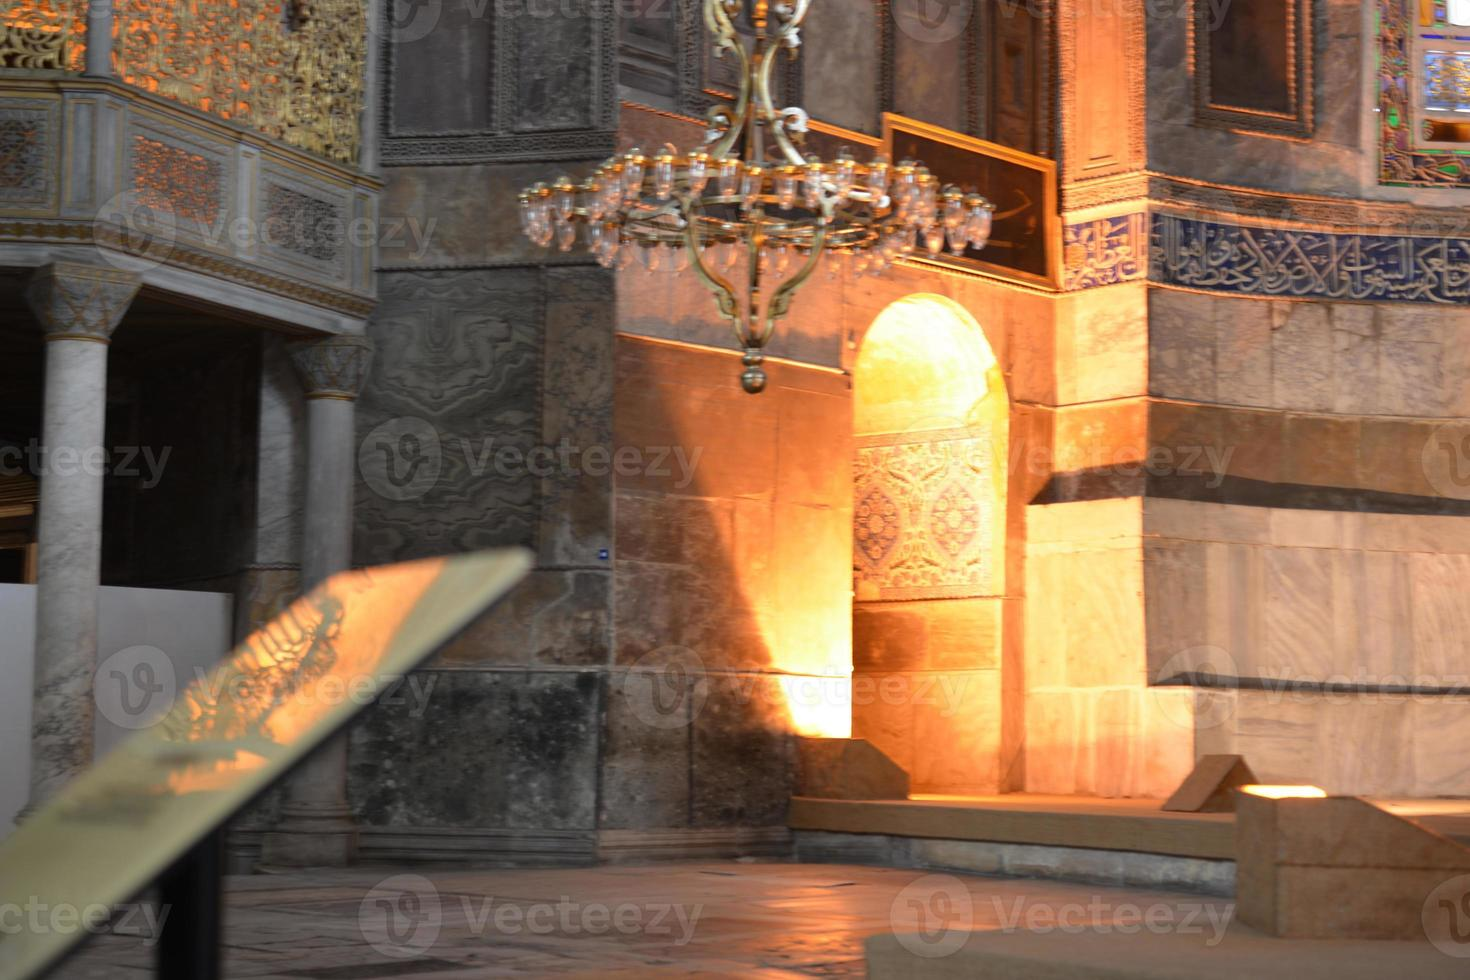 The Hagia Sophia photo